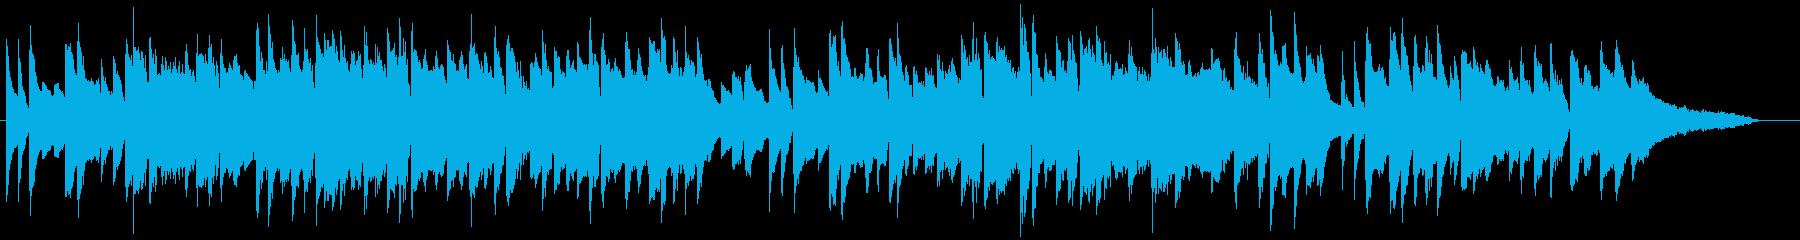 感動的なシーンに合いそうなピアノの再生済みの波形